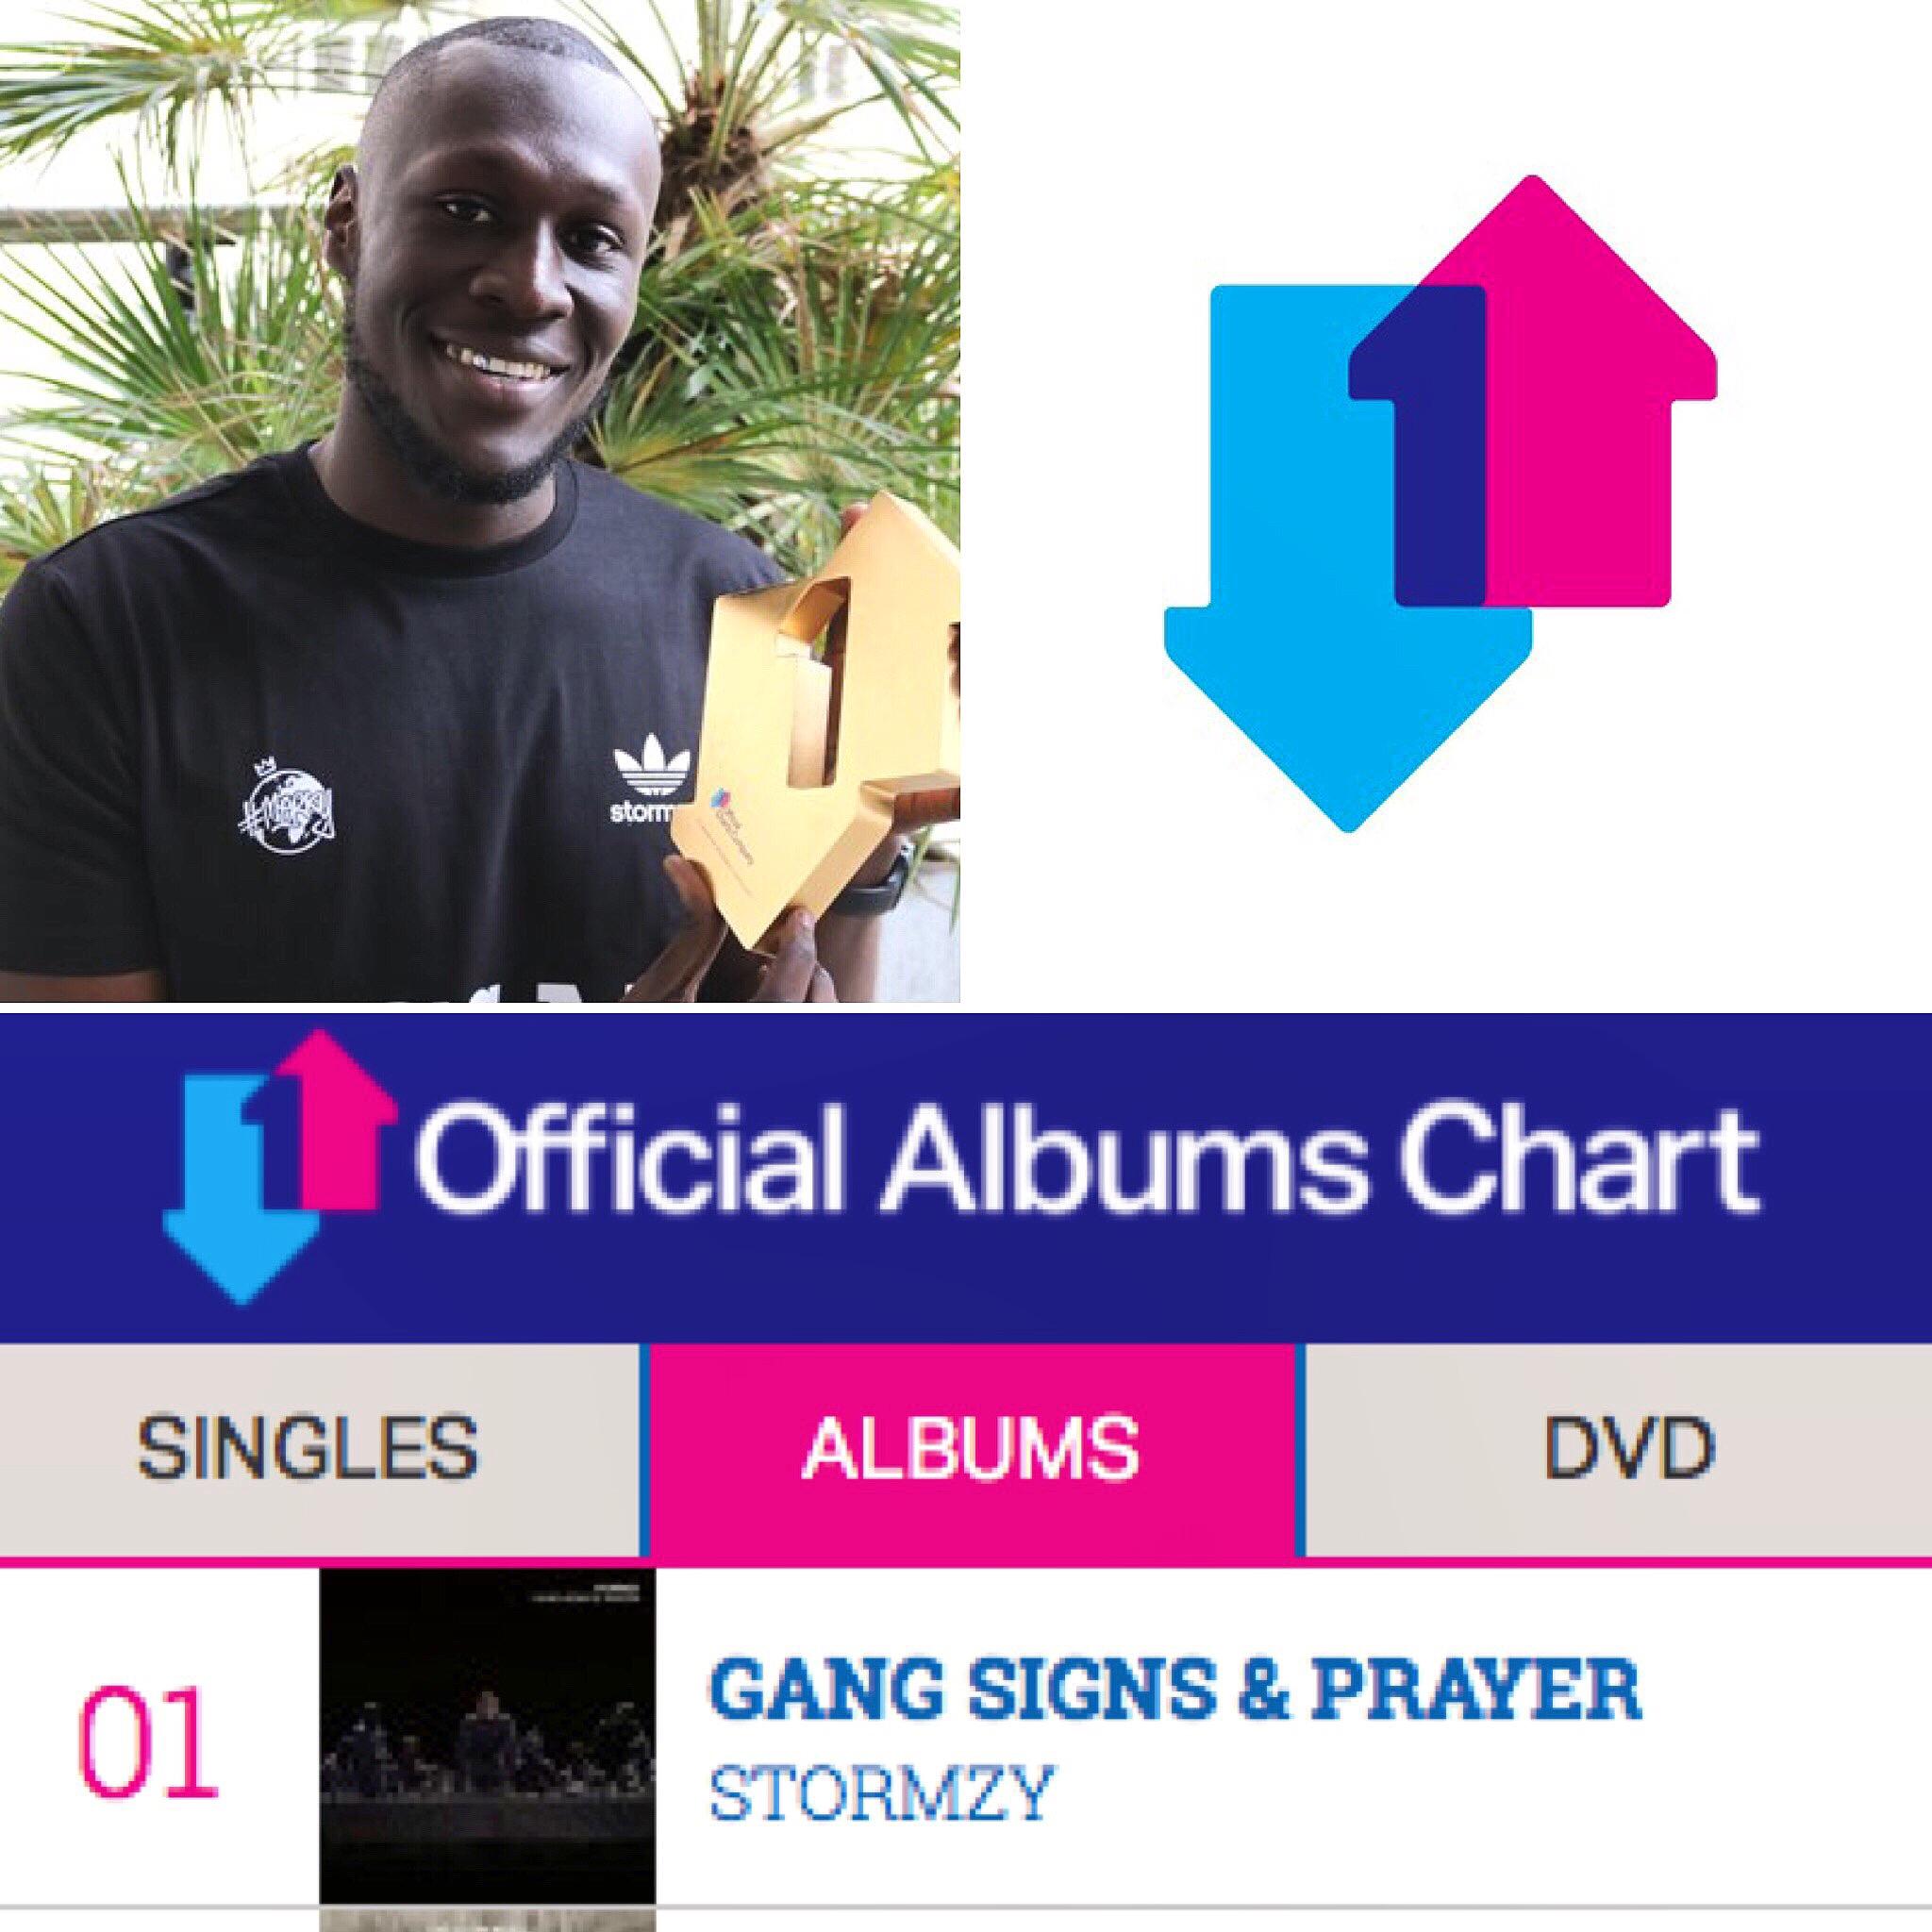 Number 1 Album